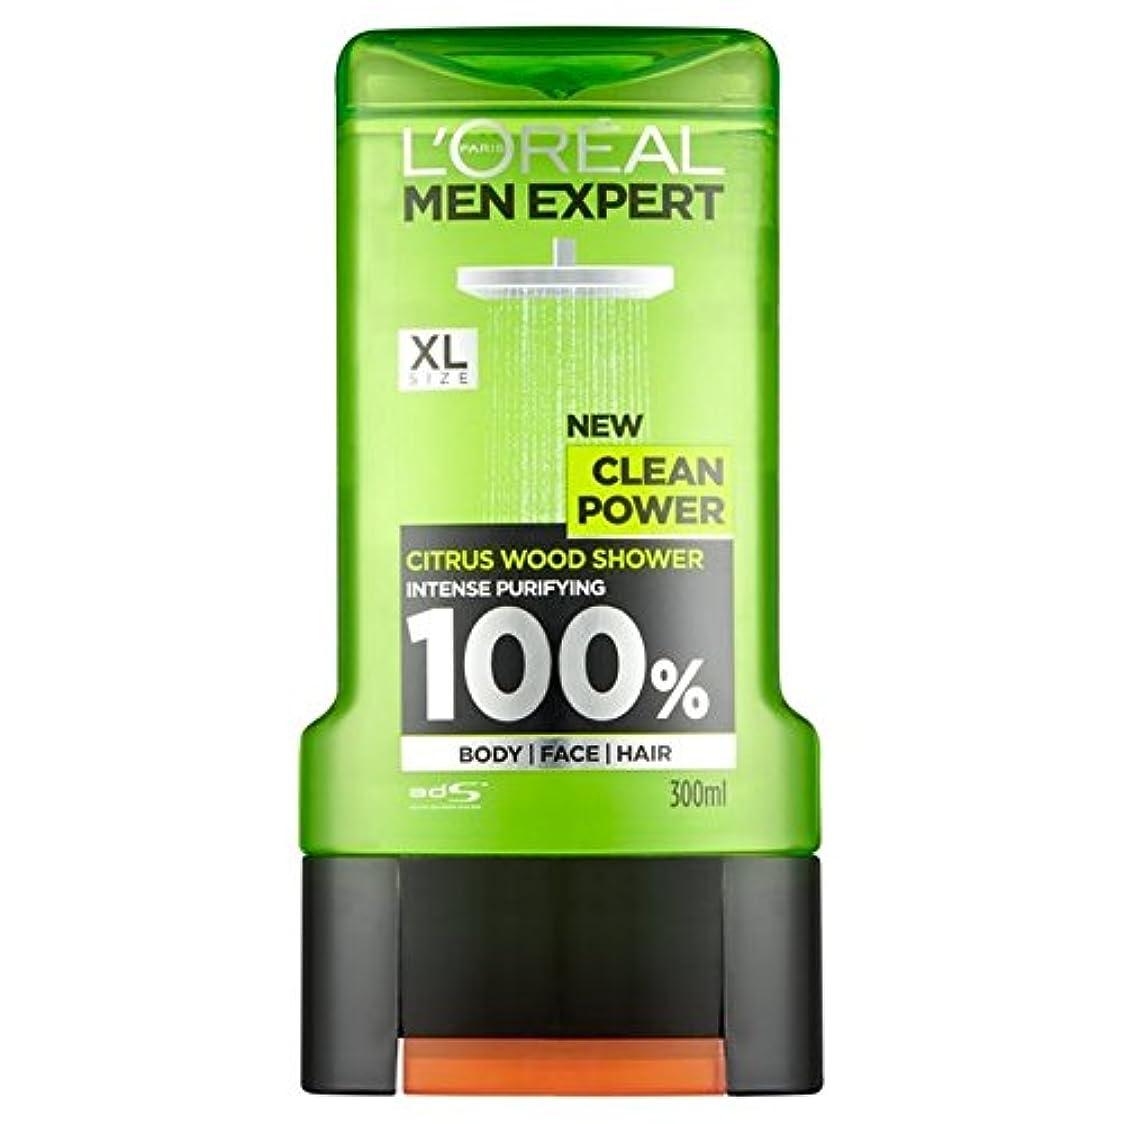 遅らせる確かな音声ロレアルパリの男性の専門家クリーンパワーシャワージェル300ミリリットル x4 - L'Oreal Paris Men Expert Clean Power Shower Gel 300ml (Pack of 4) [並行輸入品]